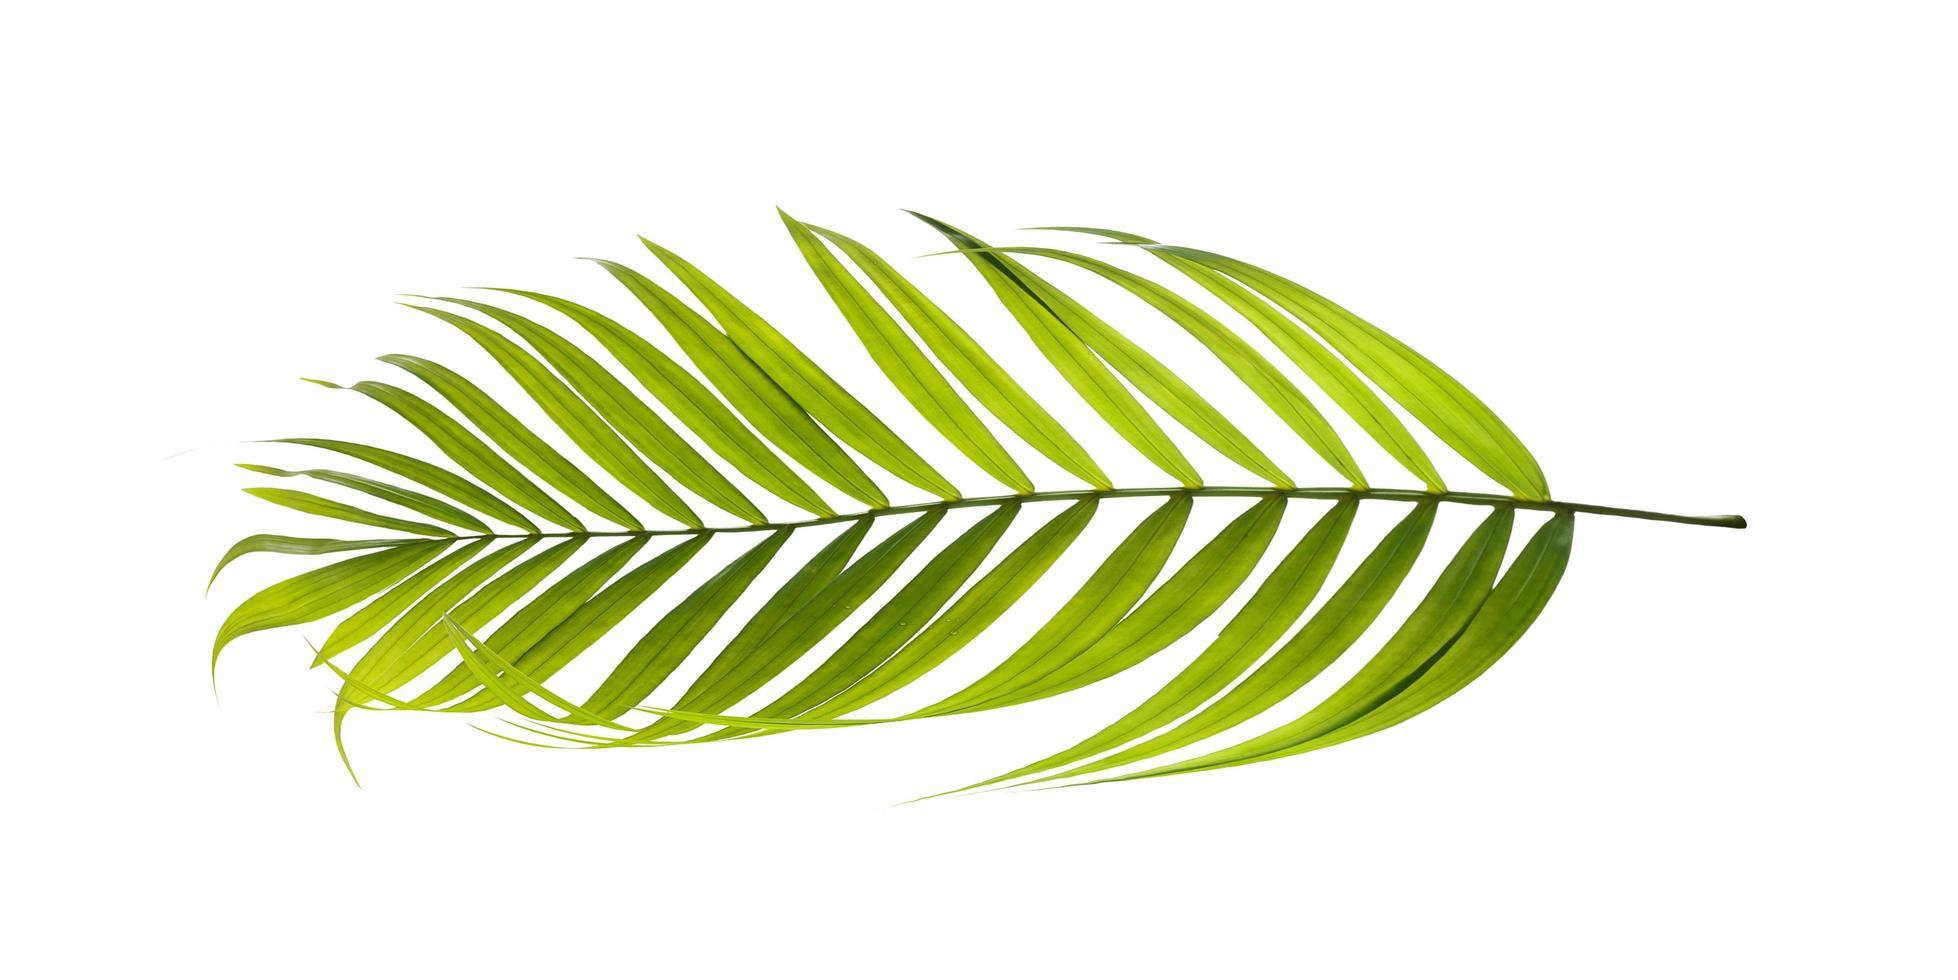 Coconut tree leaf photo